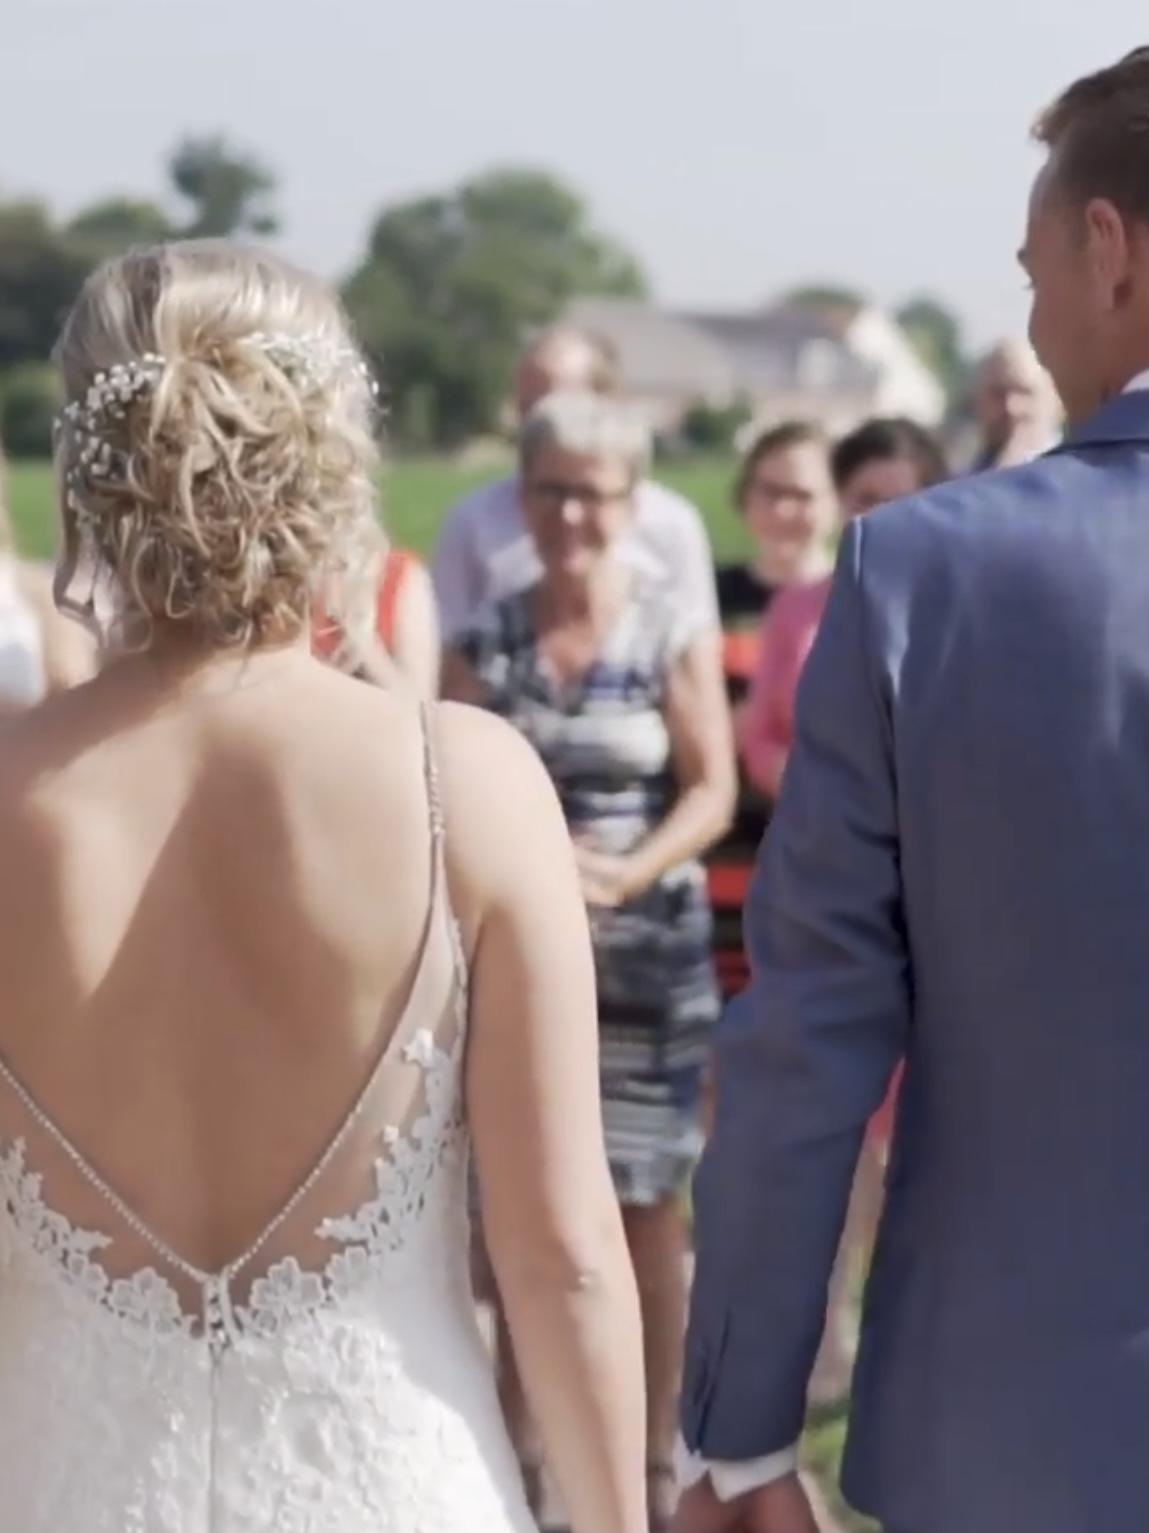 Familie feliciteert het bruidspaar